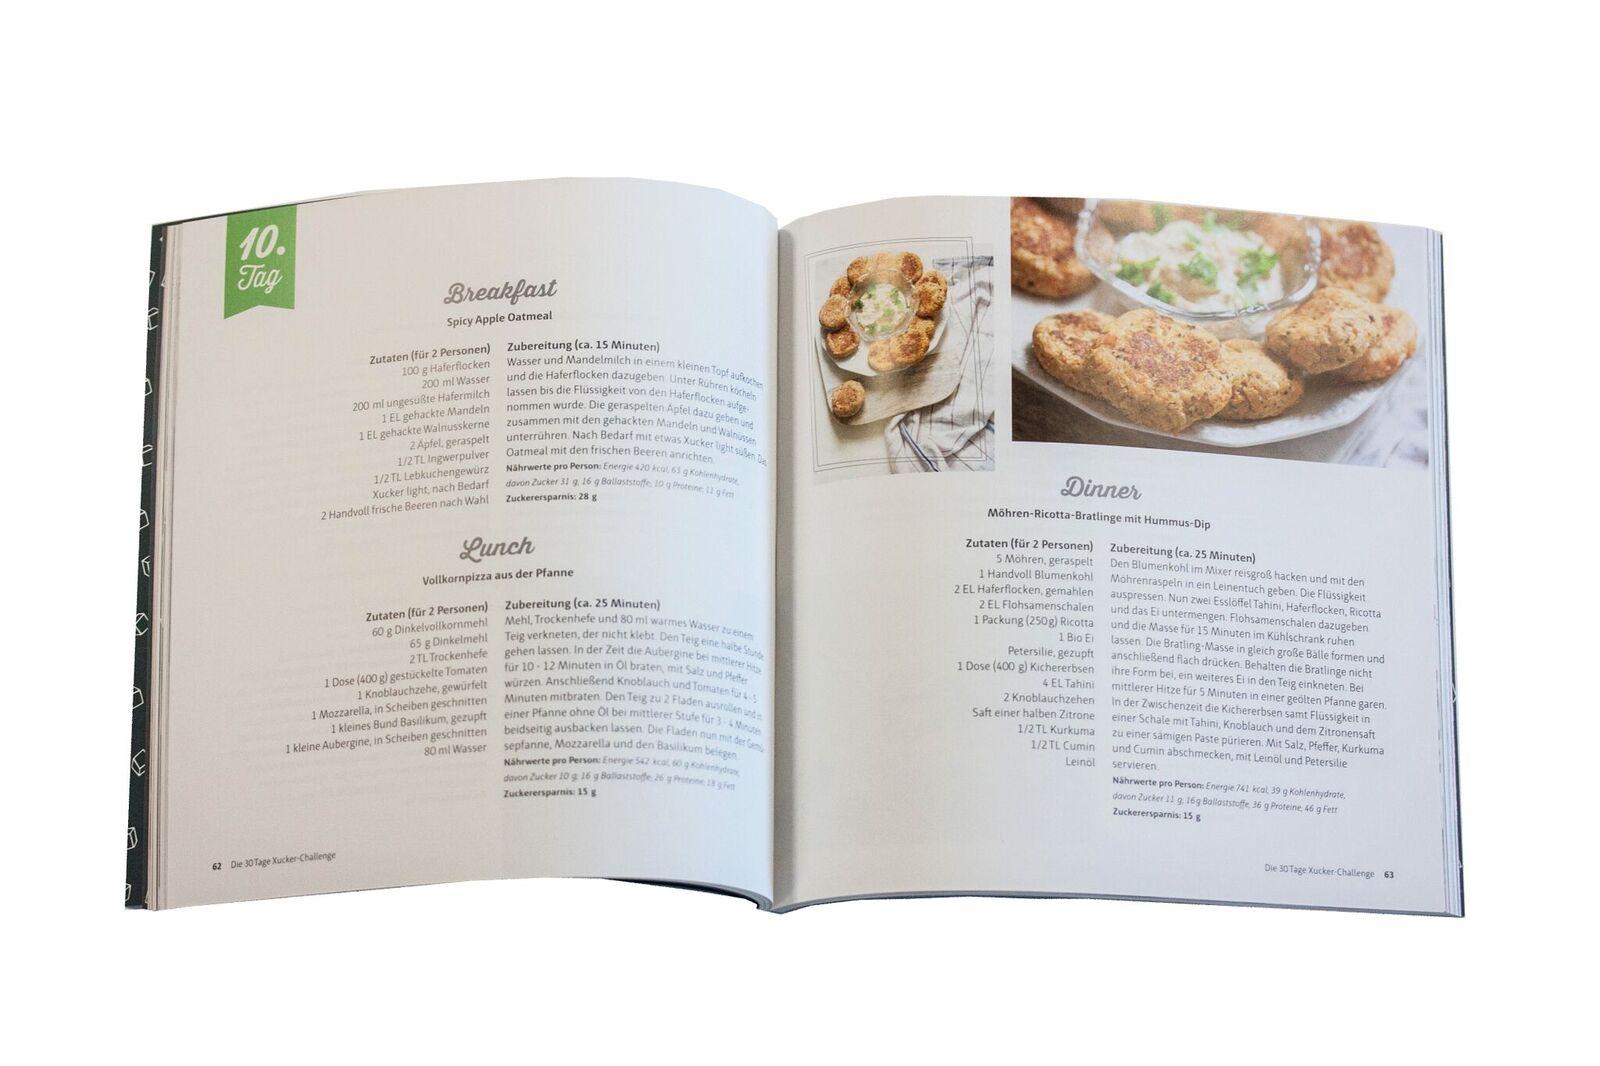 Die 30 Tage Xucker Challenge Rezeptbuch